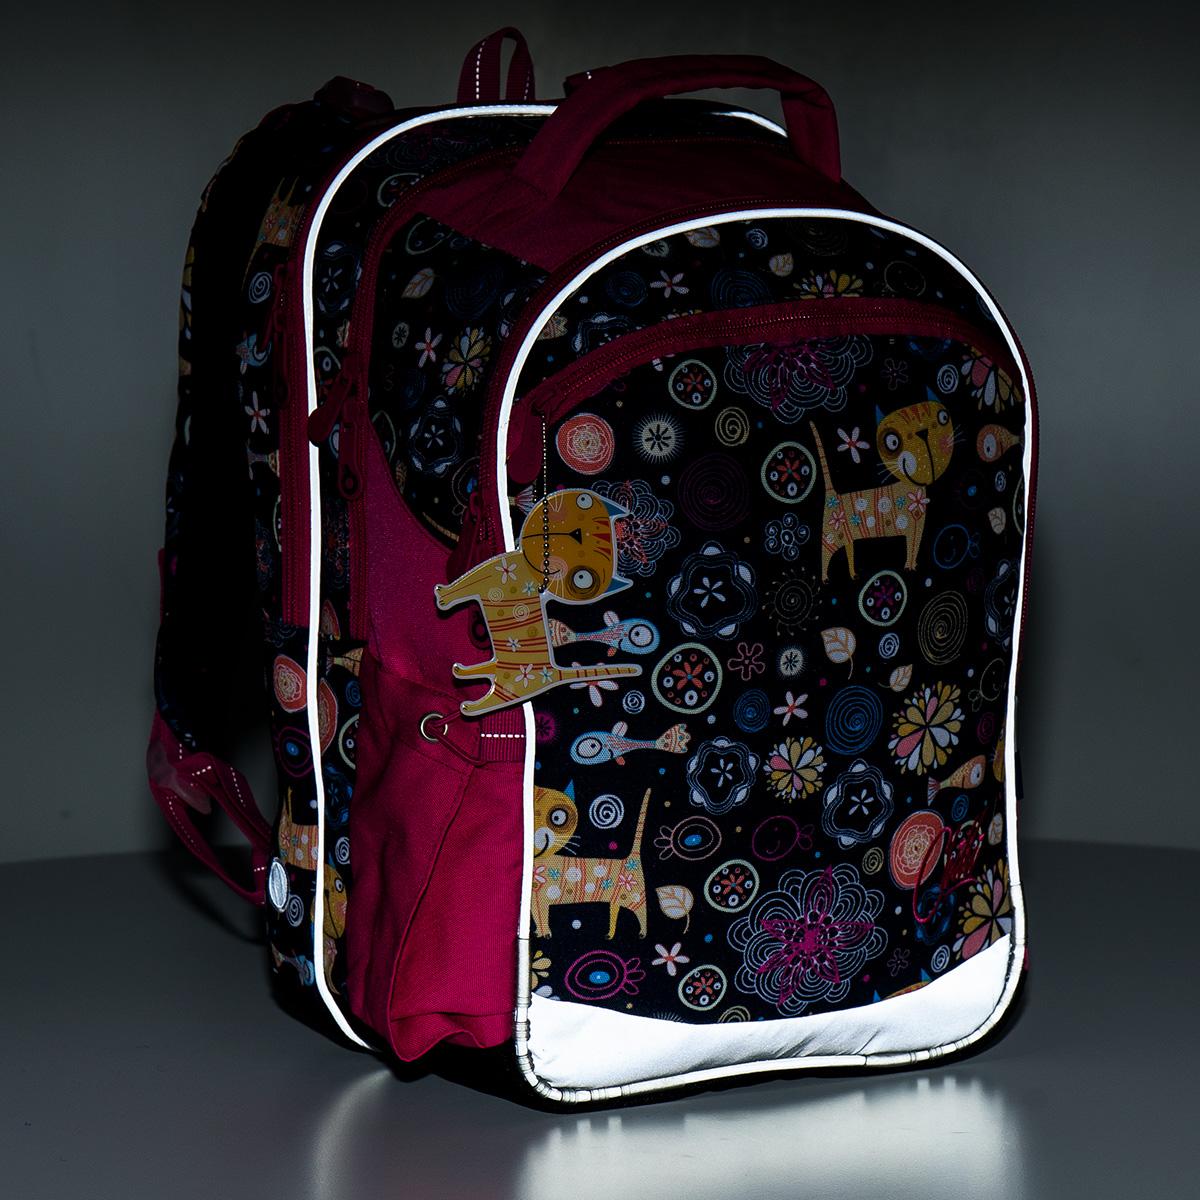 e254d13f8f0 reflexní test školního batohu ...